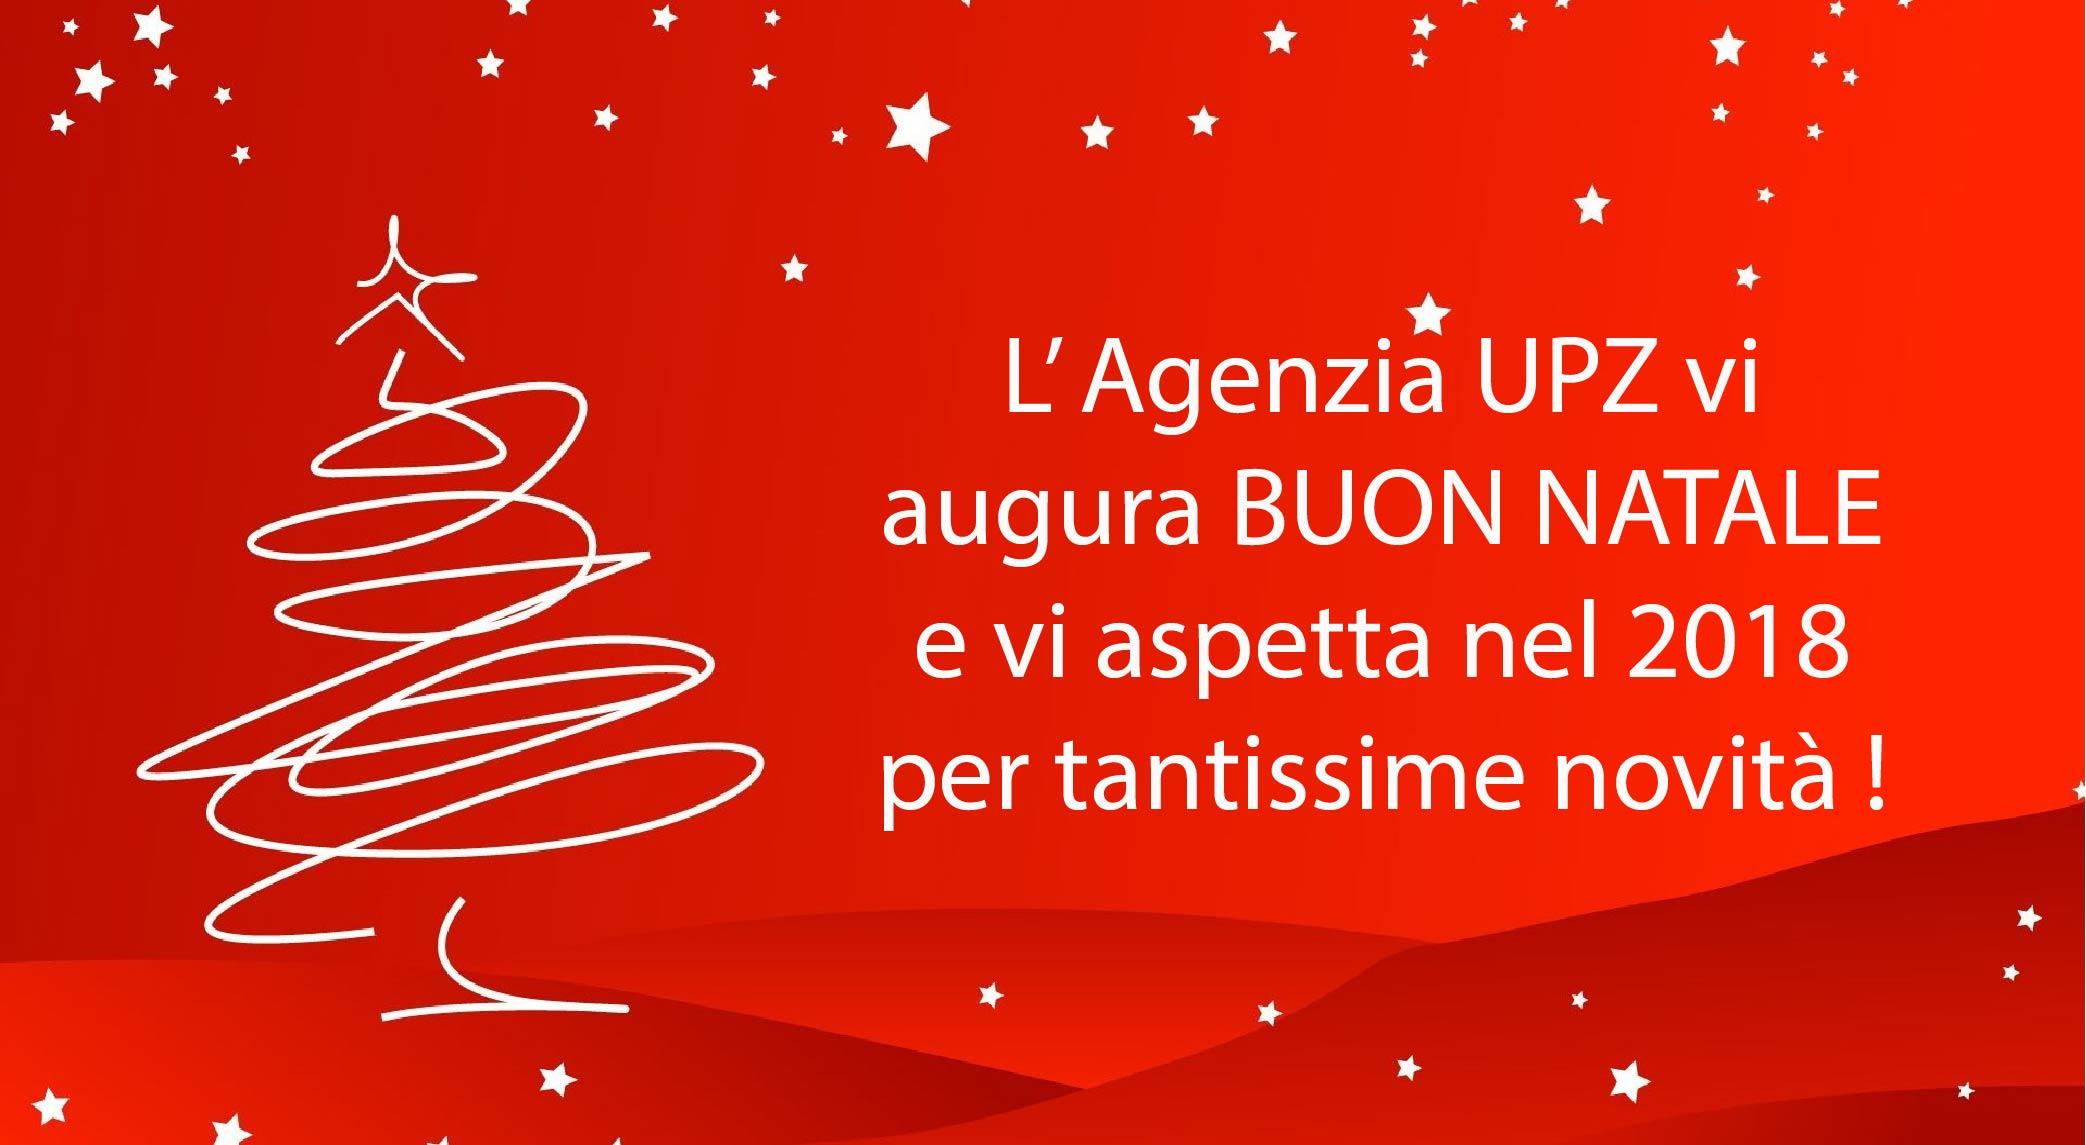 I Migliori Auguri Di Buon Natale.Dalla Agenzia Upz I Migliori Auguri Di Buon Natale Agenzia